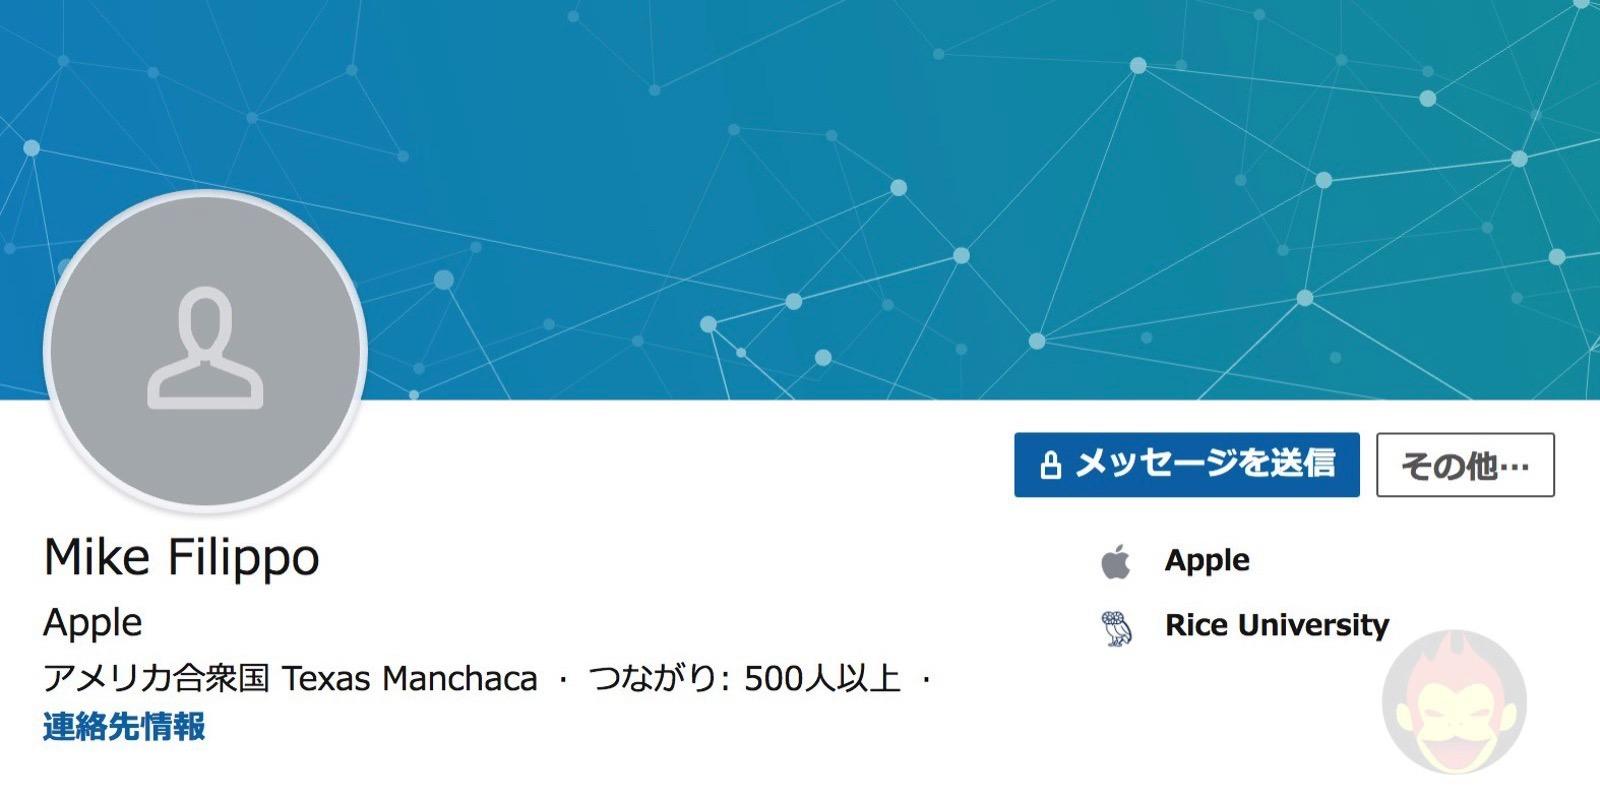 Mike-Filippo-LinkedIn-profile-01.jpg